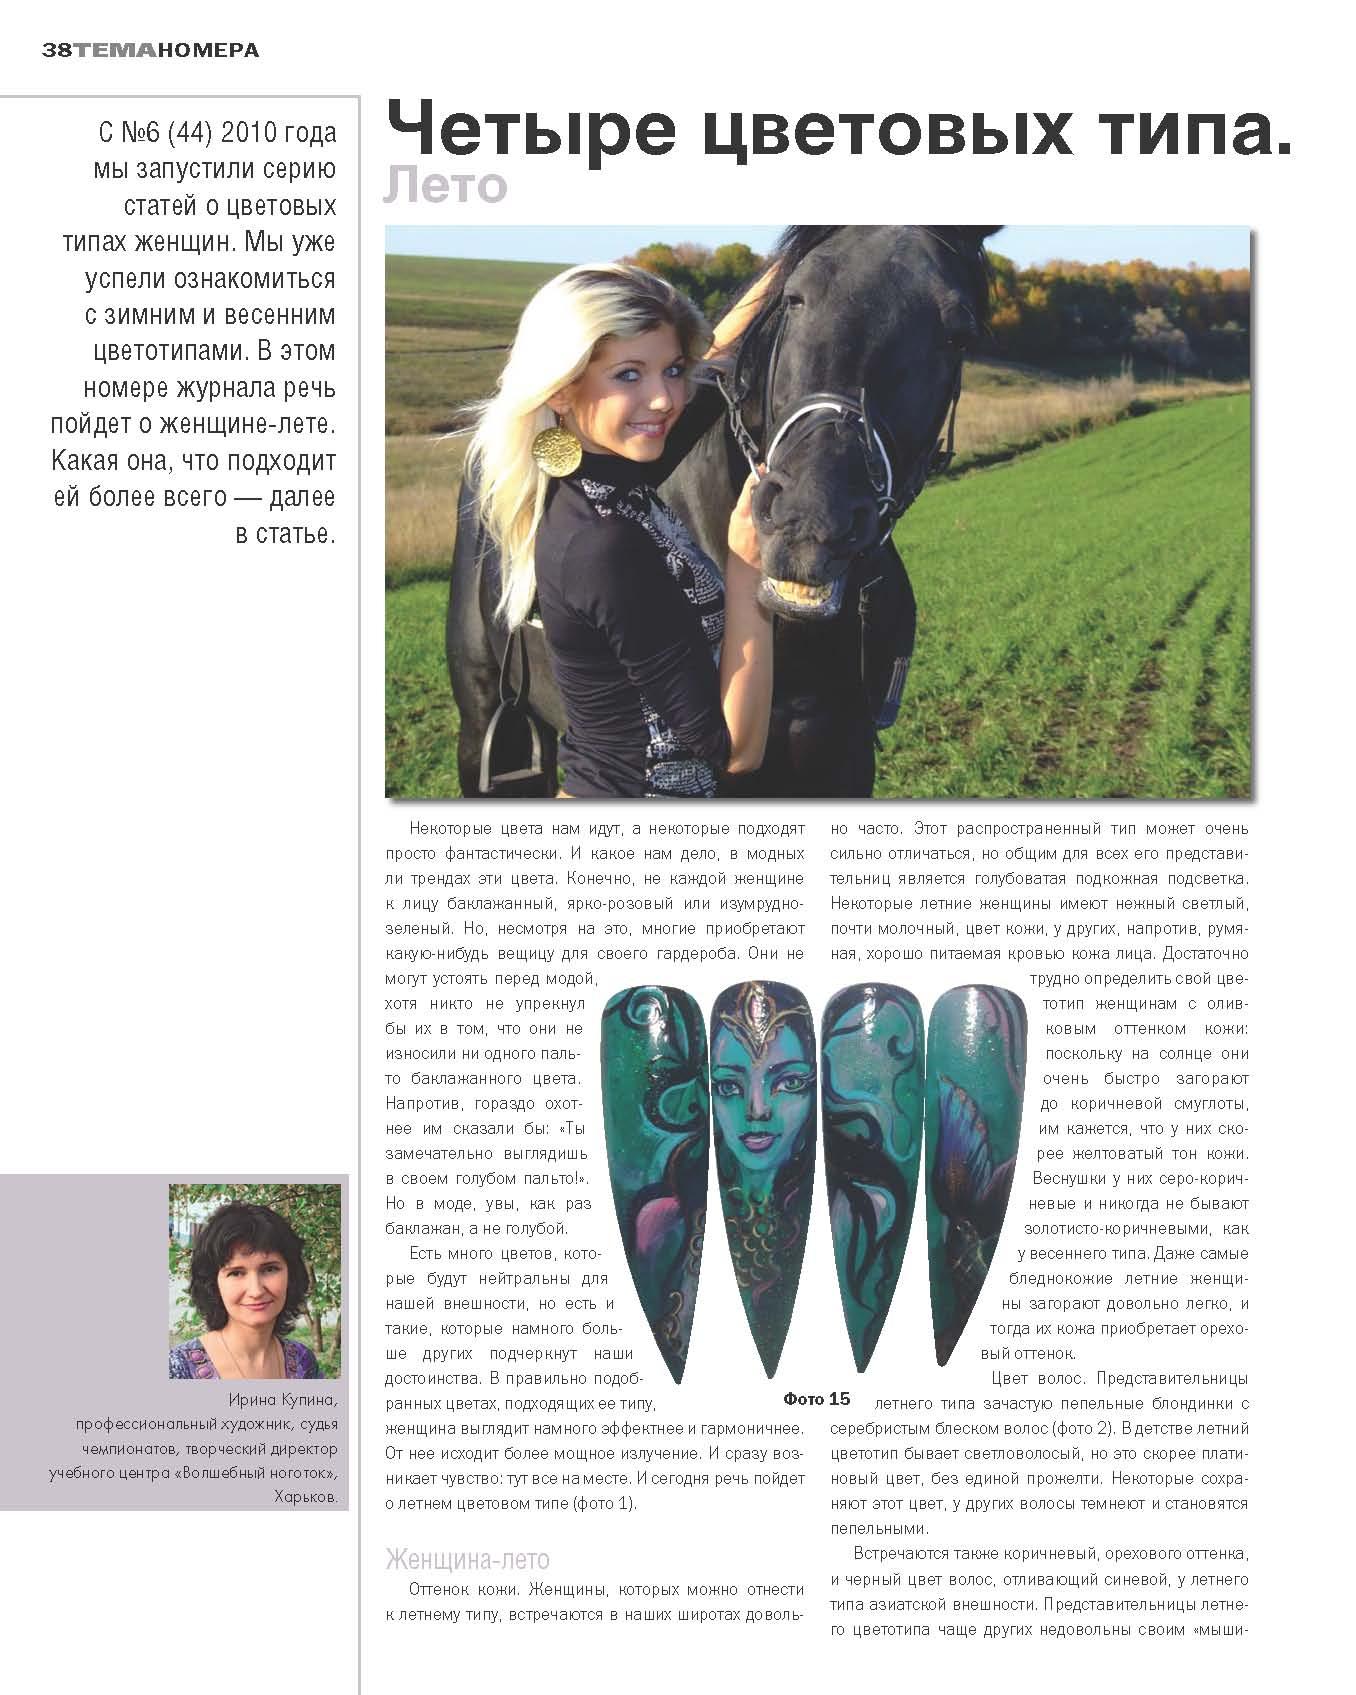 Серия из четырёх публикаций  Четыре цветовых типа женщины в журнале Nail ПРАКТИКА - ЛЕТО